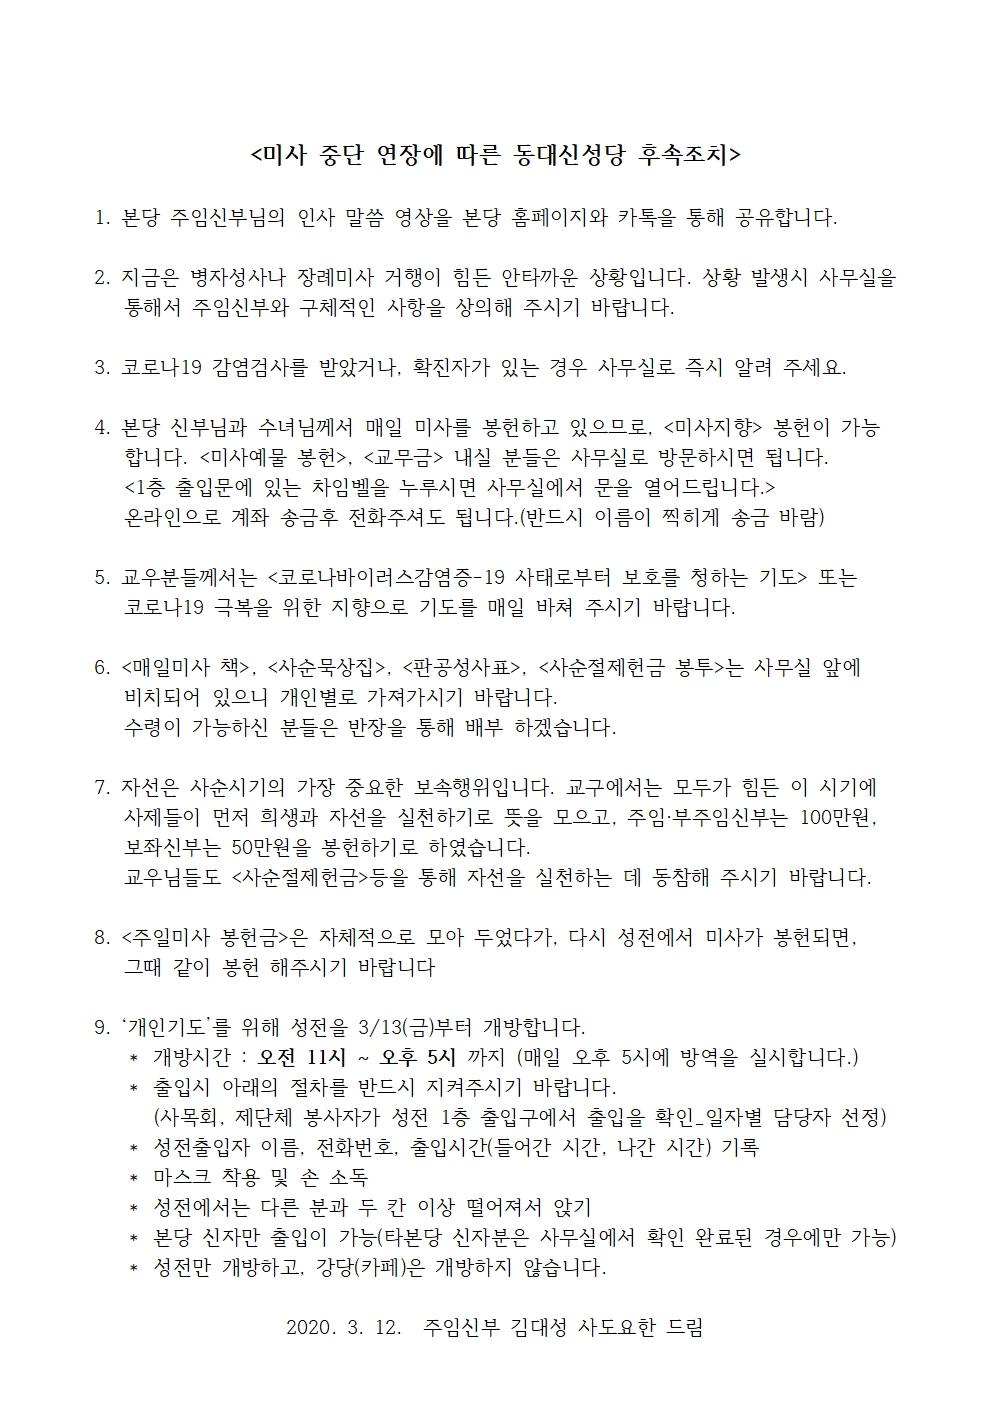 미사 중단에 따른 동대신성당 후속조치(20200312).jpg